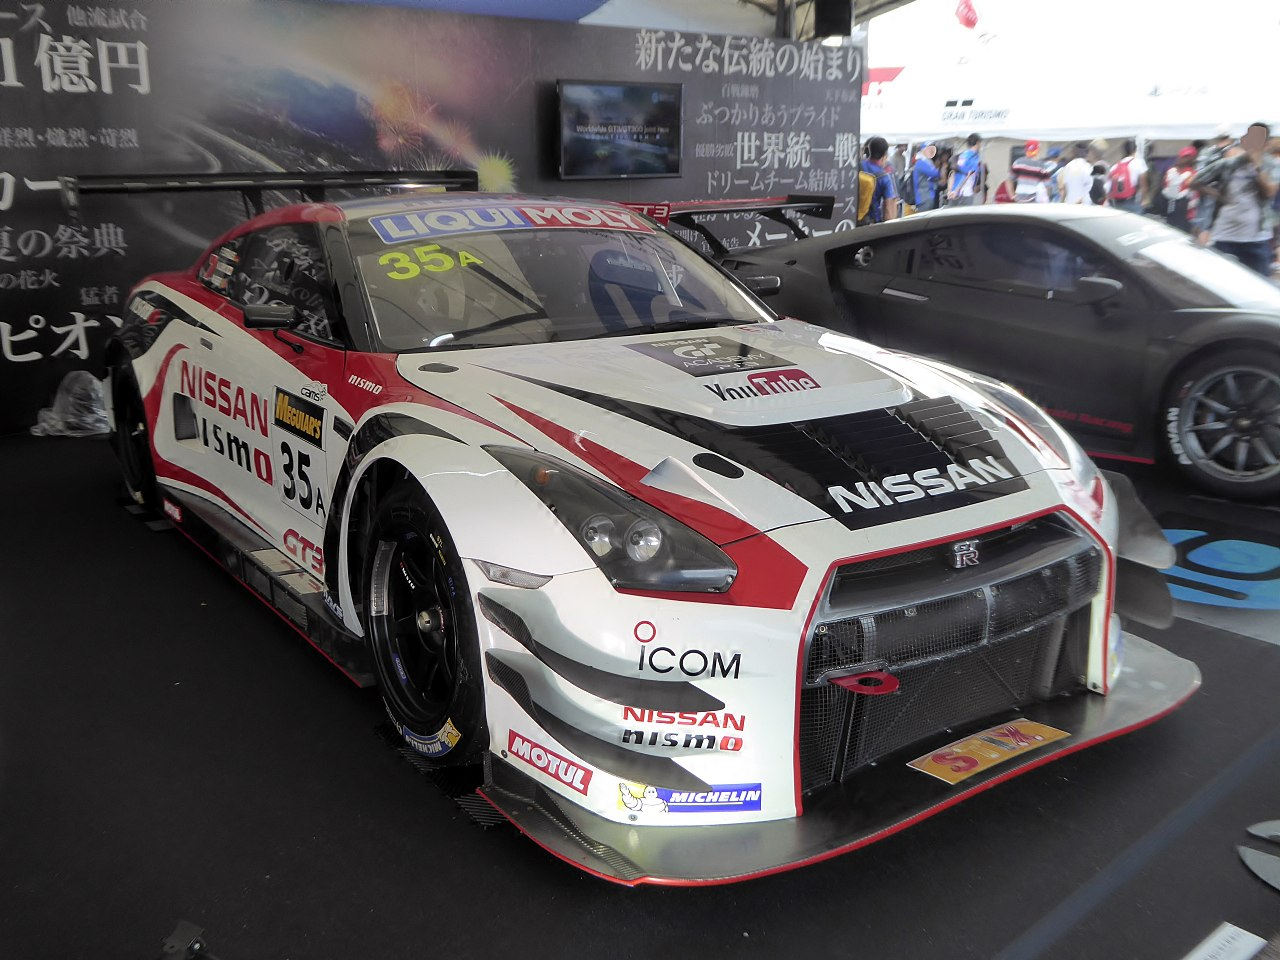 File:Nissan GT-R 05.JPG - Wikimedia Commons